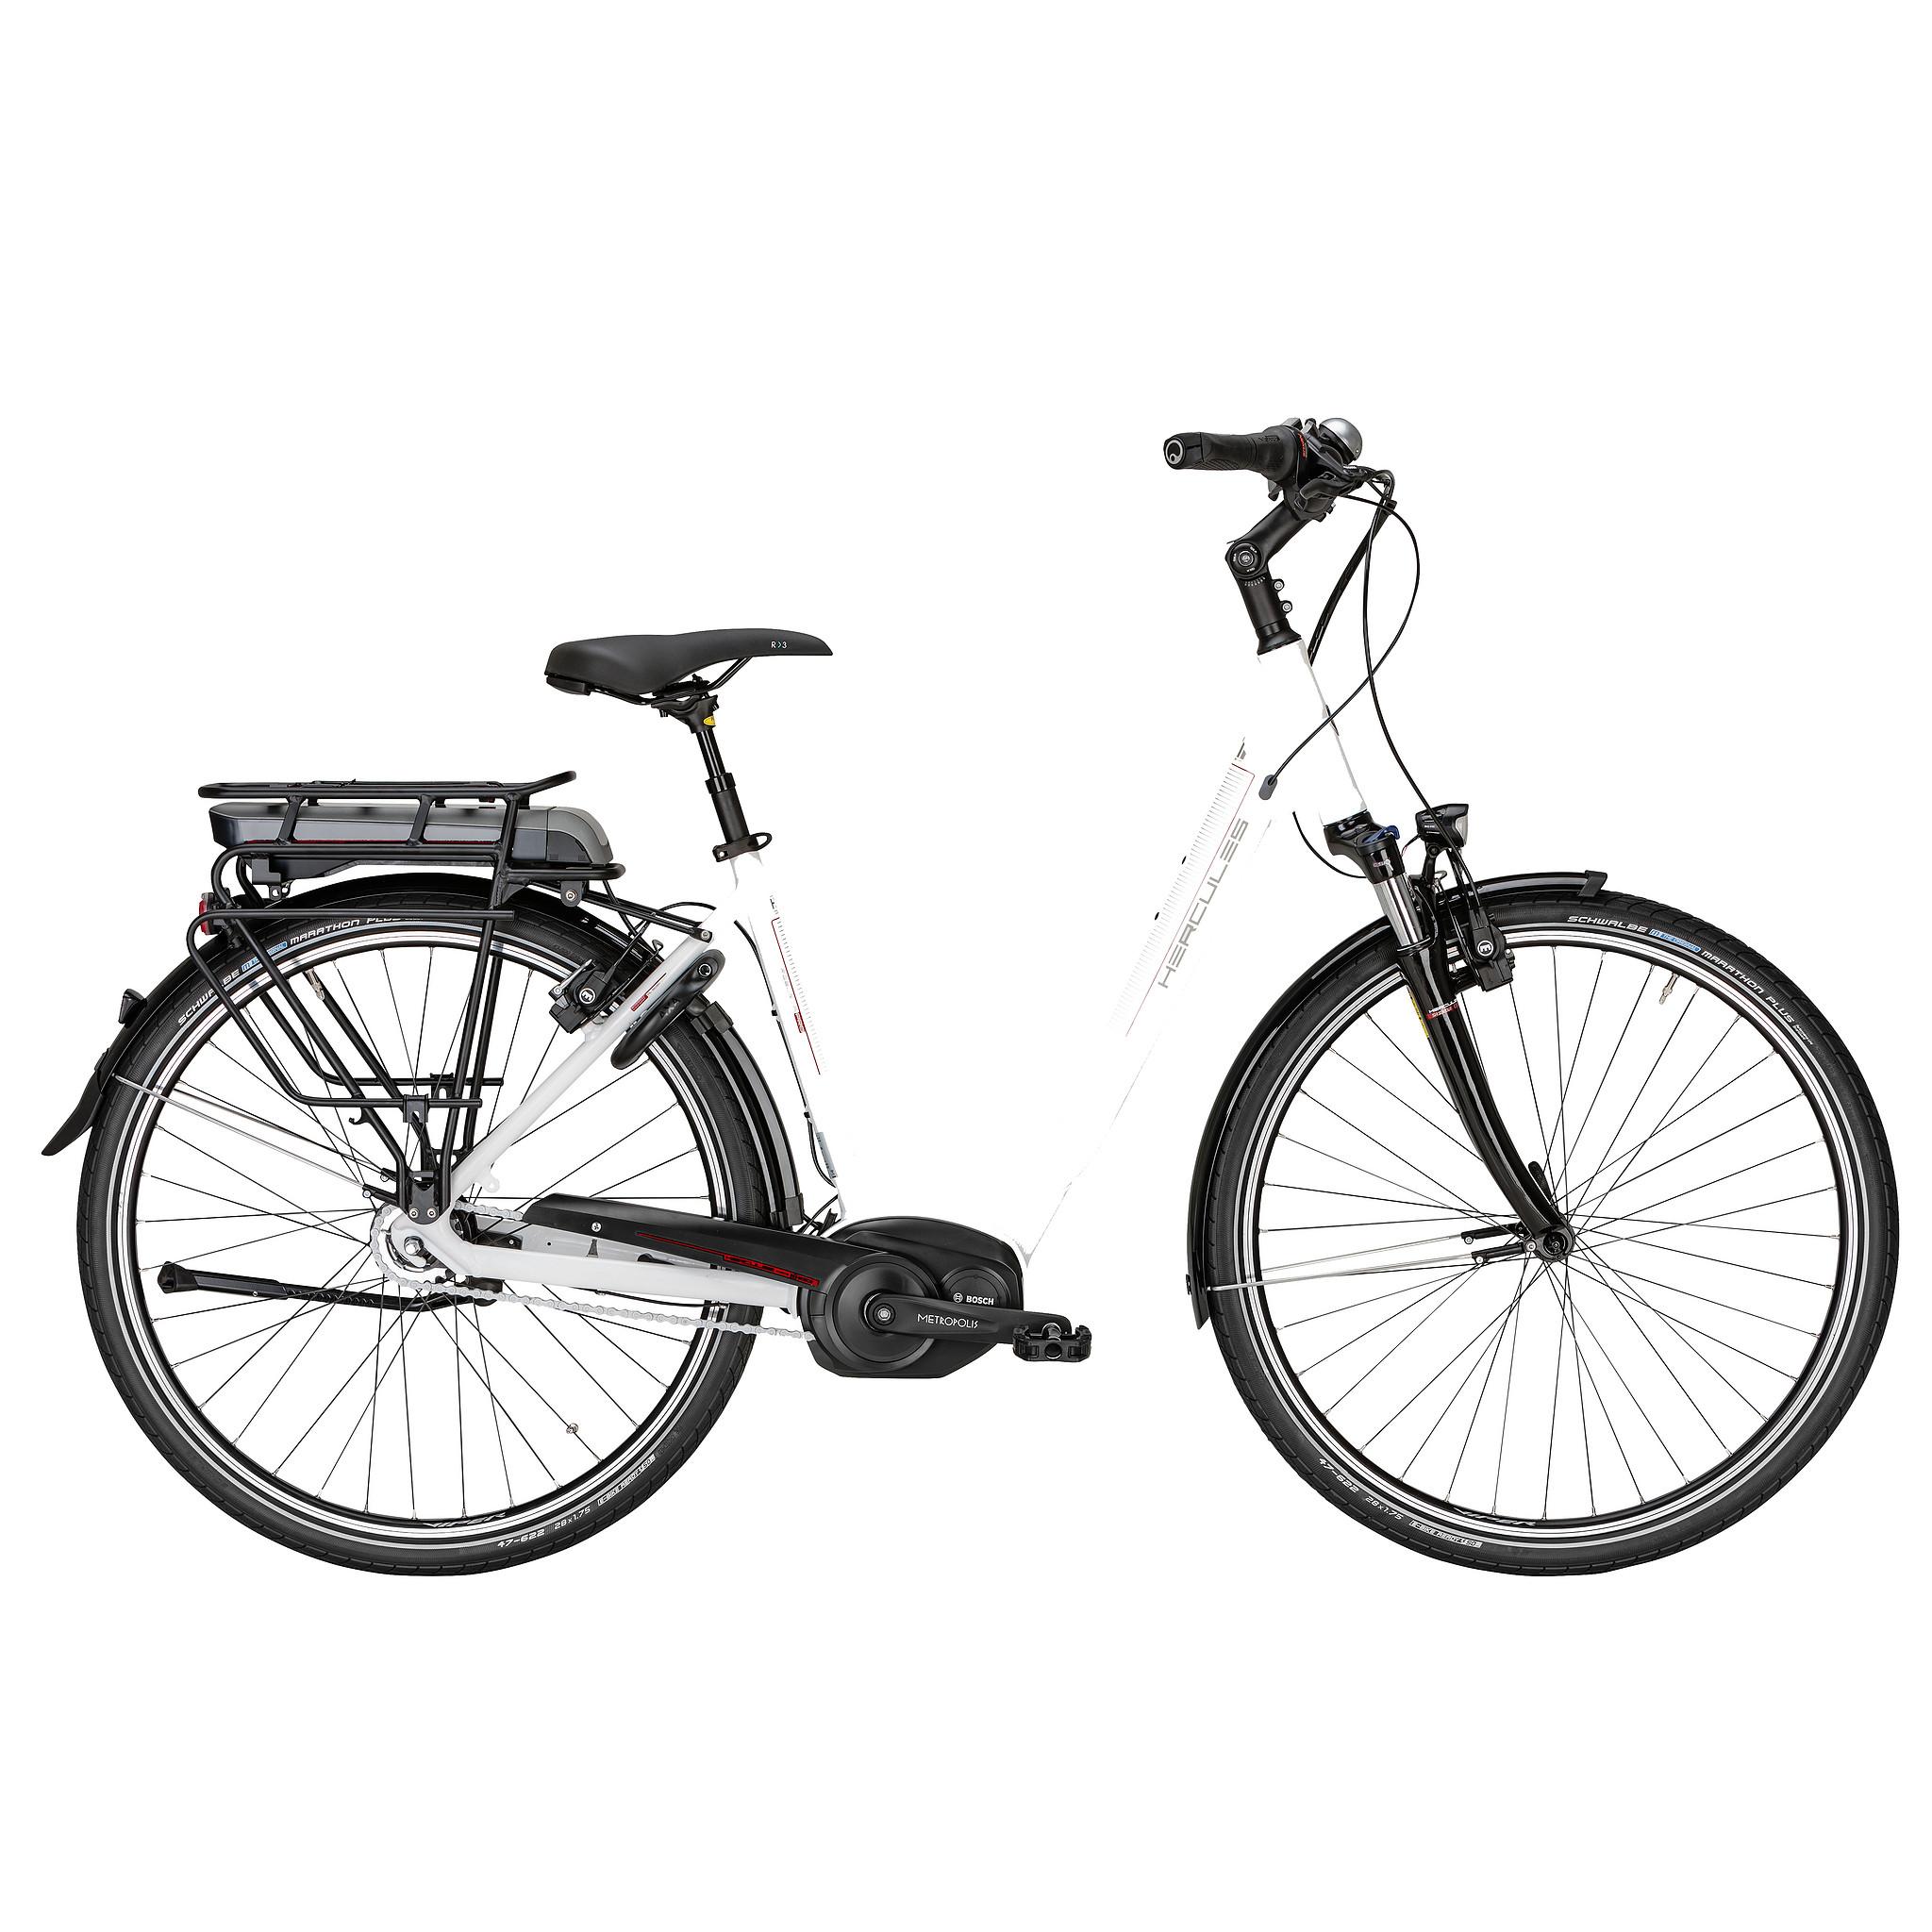 Hercules Elektrische fiets Roberta Pro F8 dames wit 26 46cm Wit